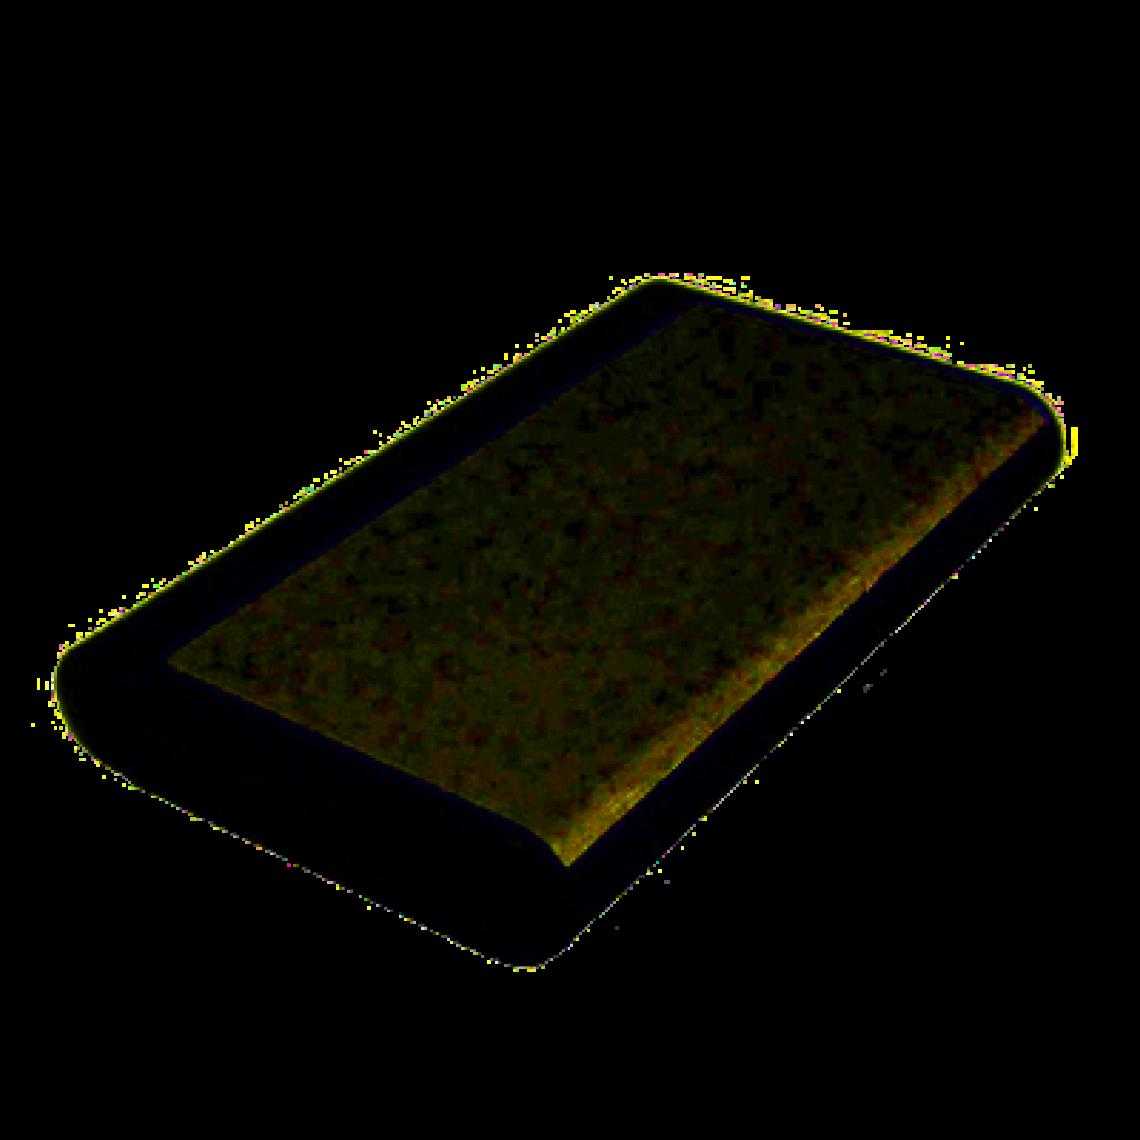 Aurel_Feinwaage_Scale_02png